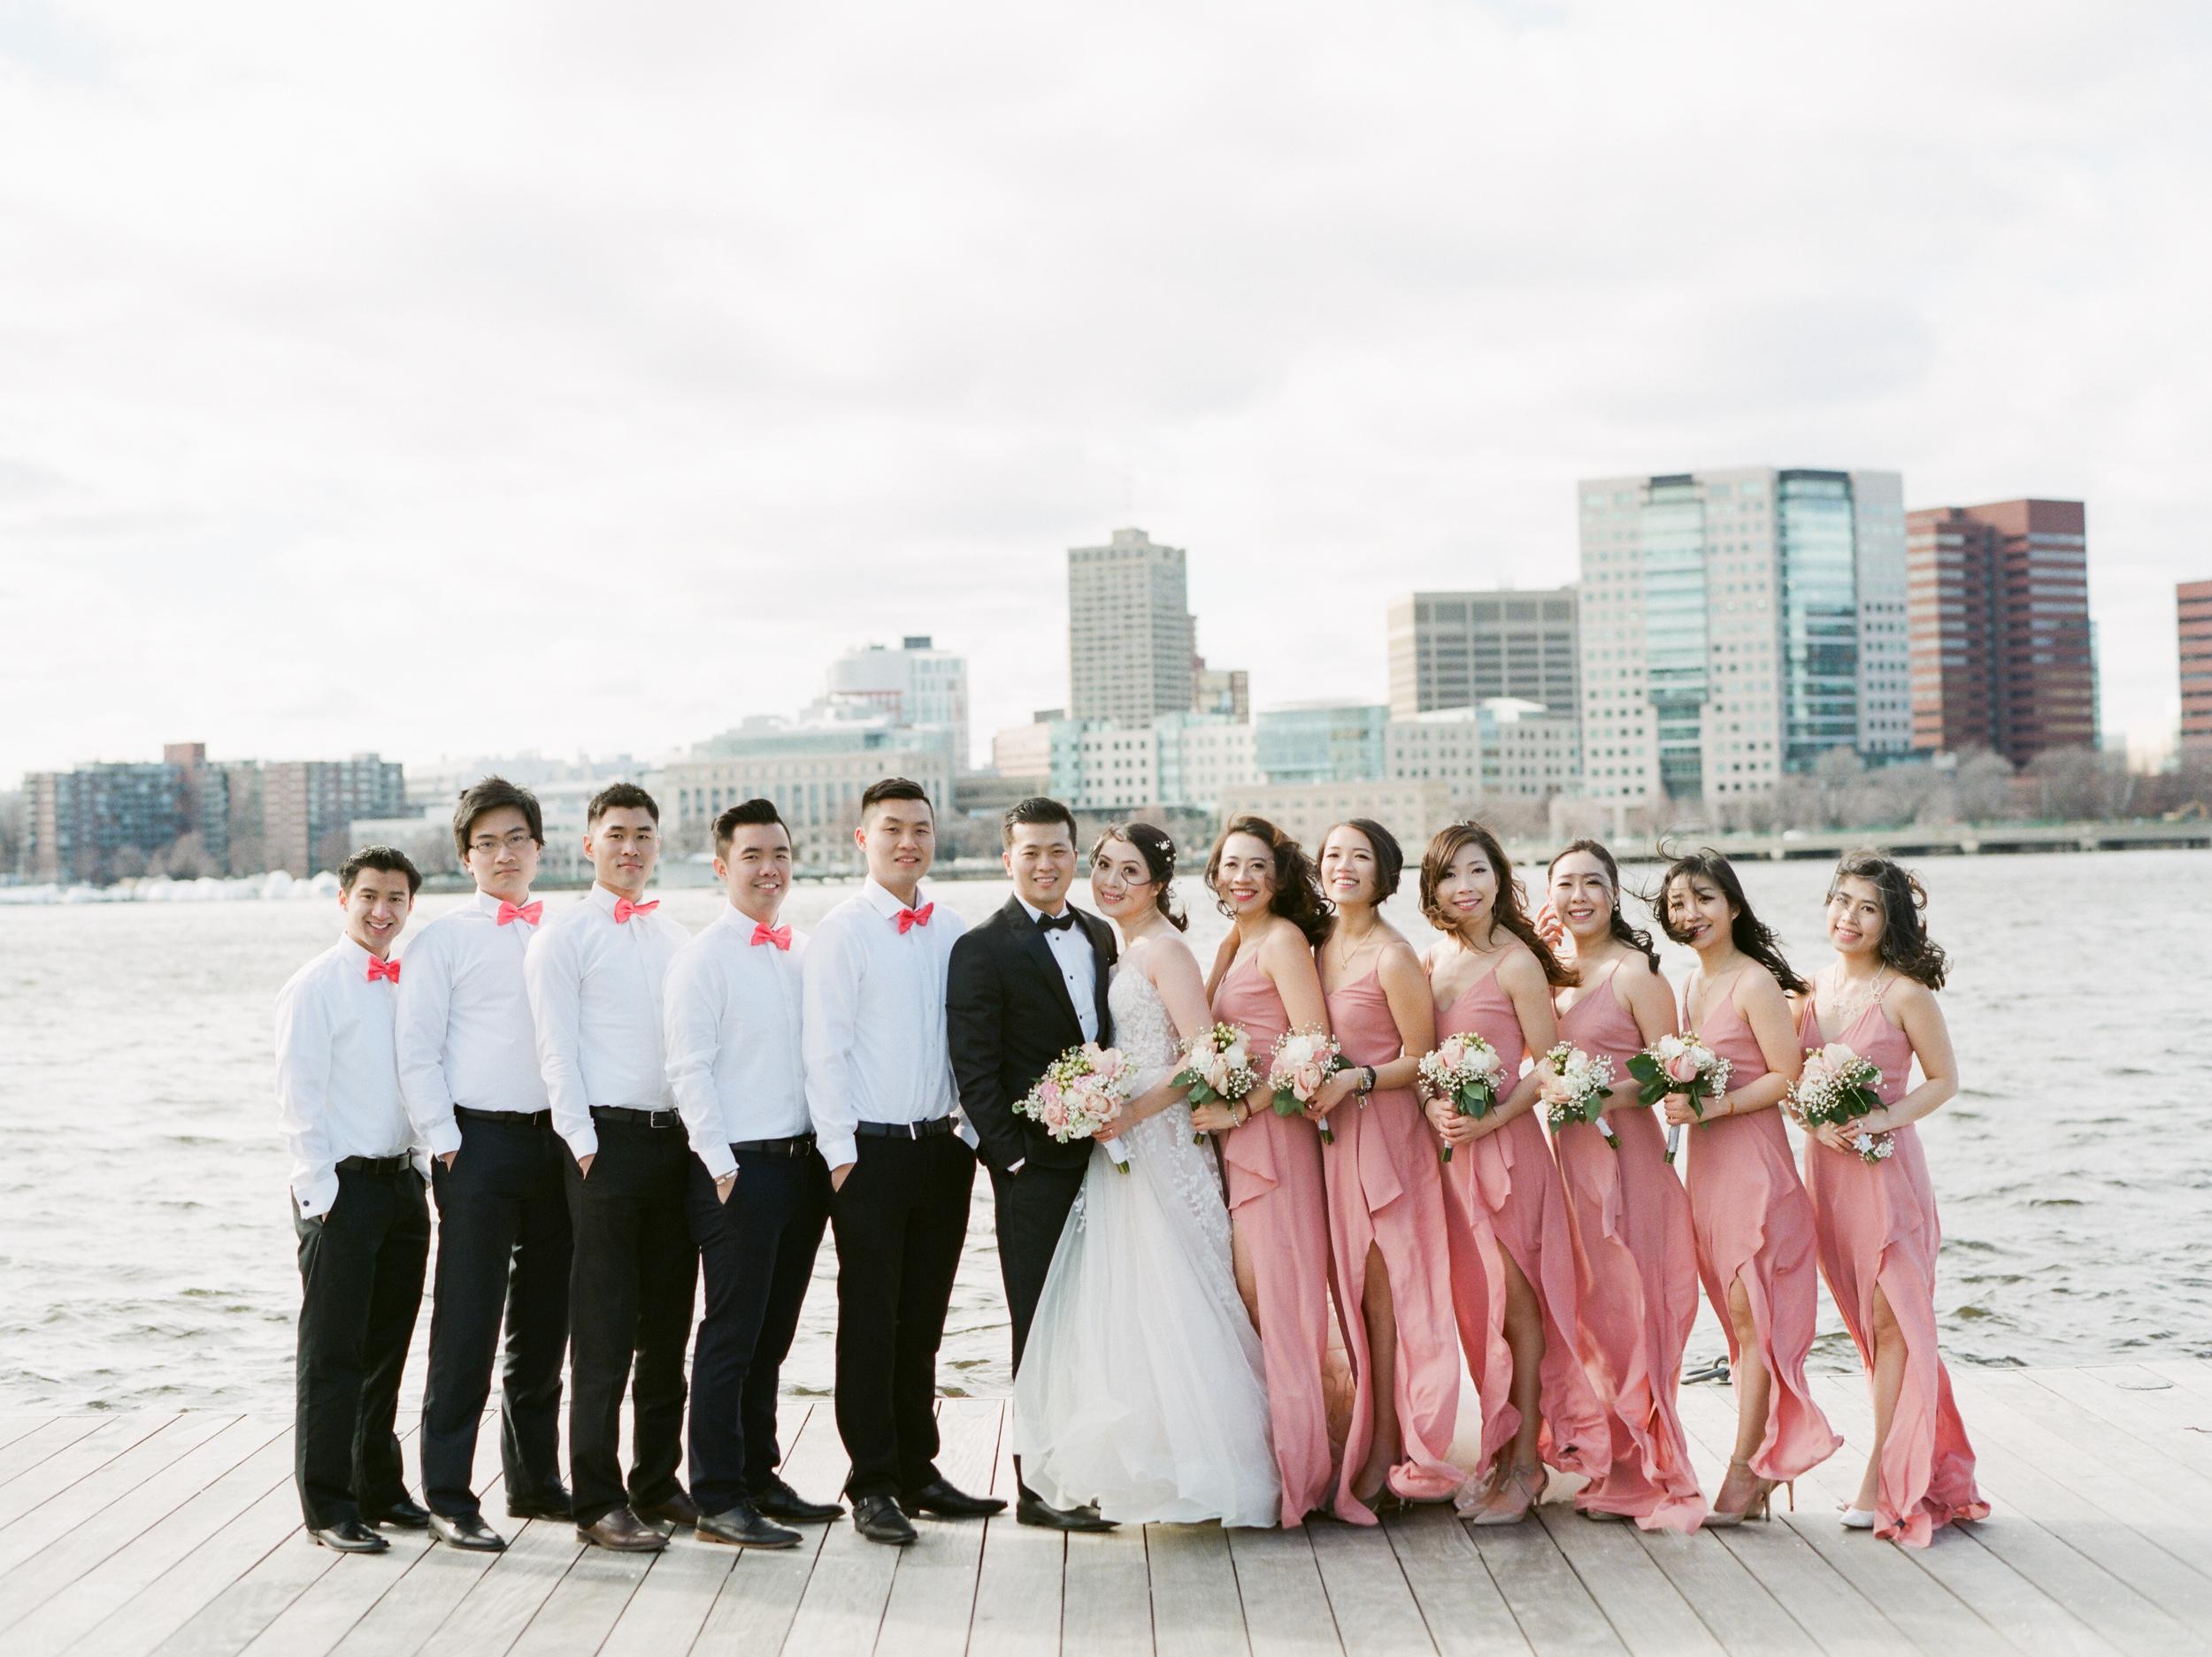 MA Weddings